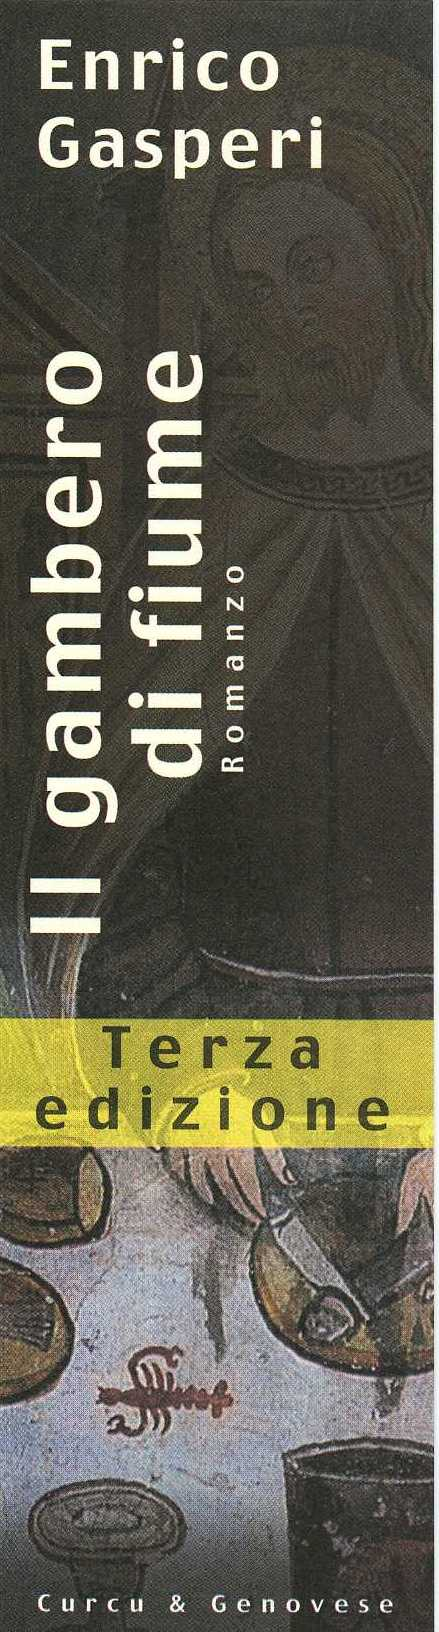 segnalibro gambero III edizione